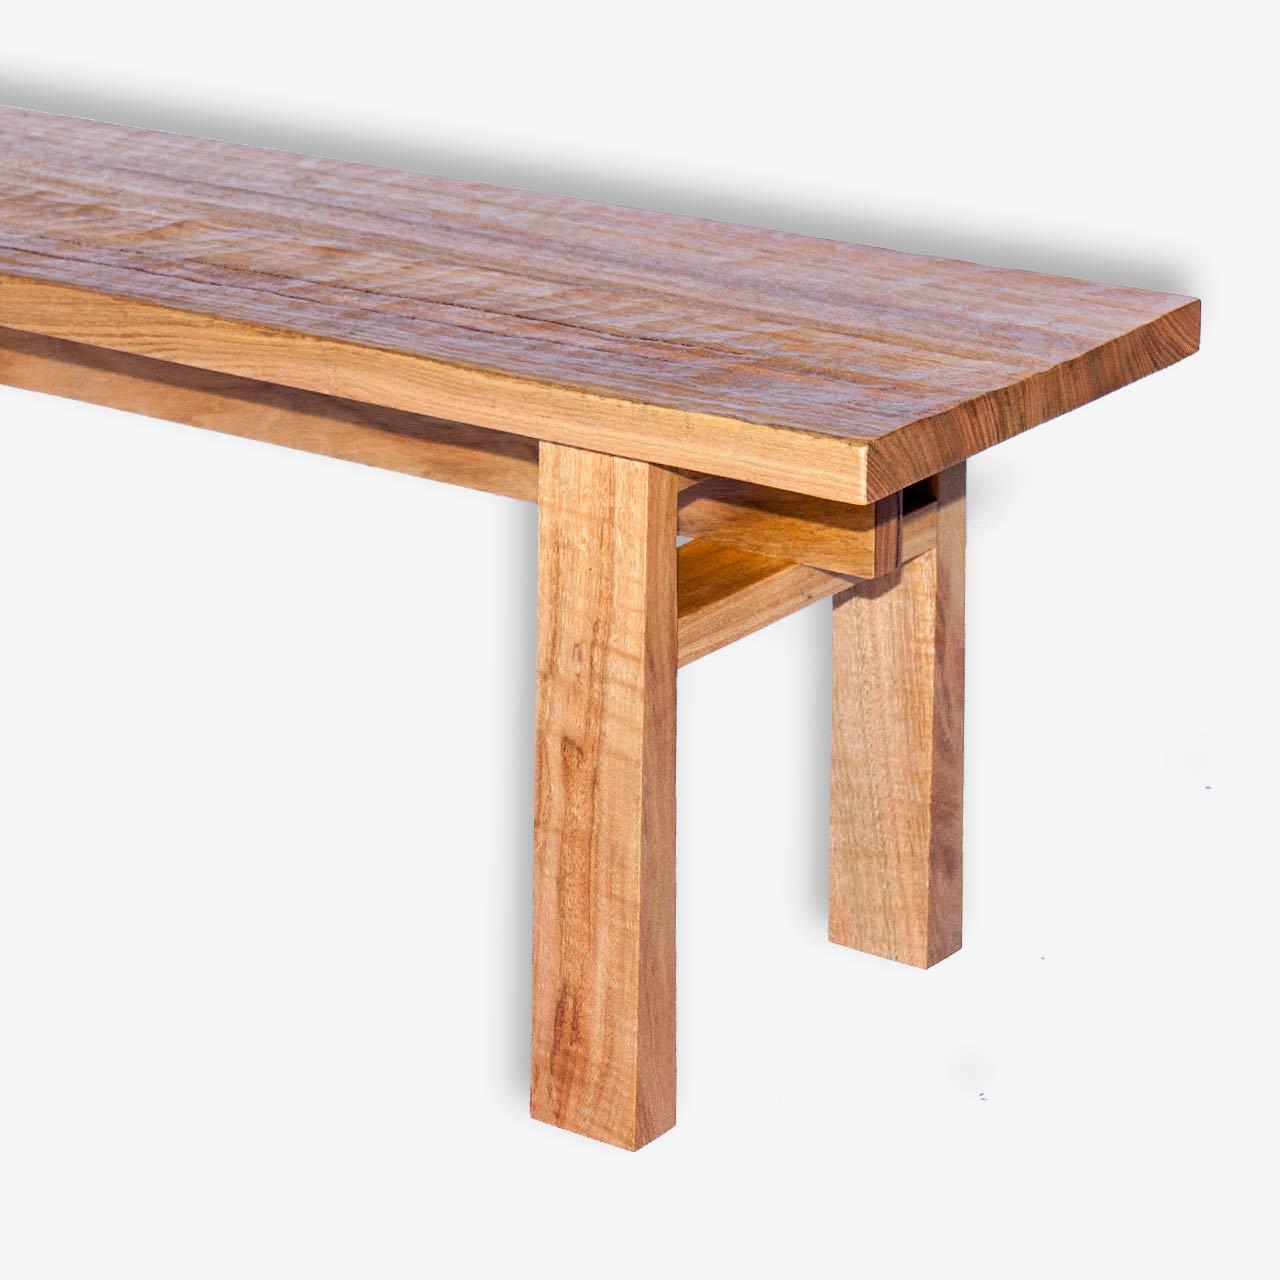 Orientalis bench seat marri cowaramup busselton margaret river